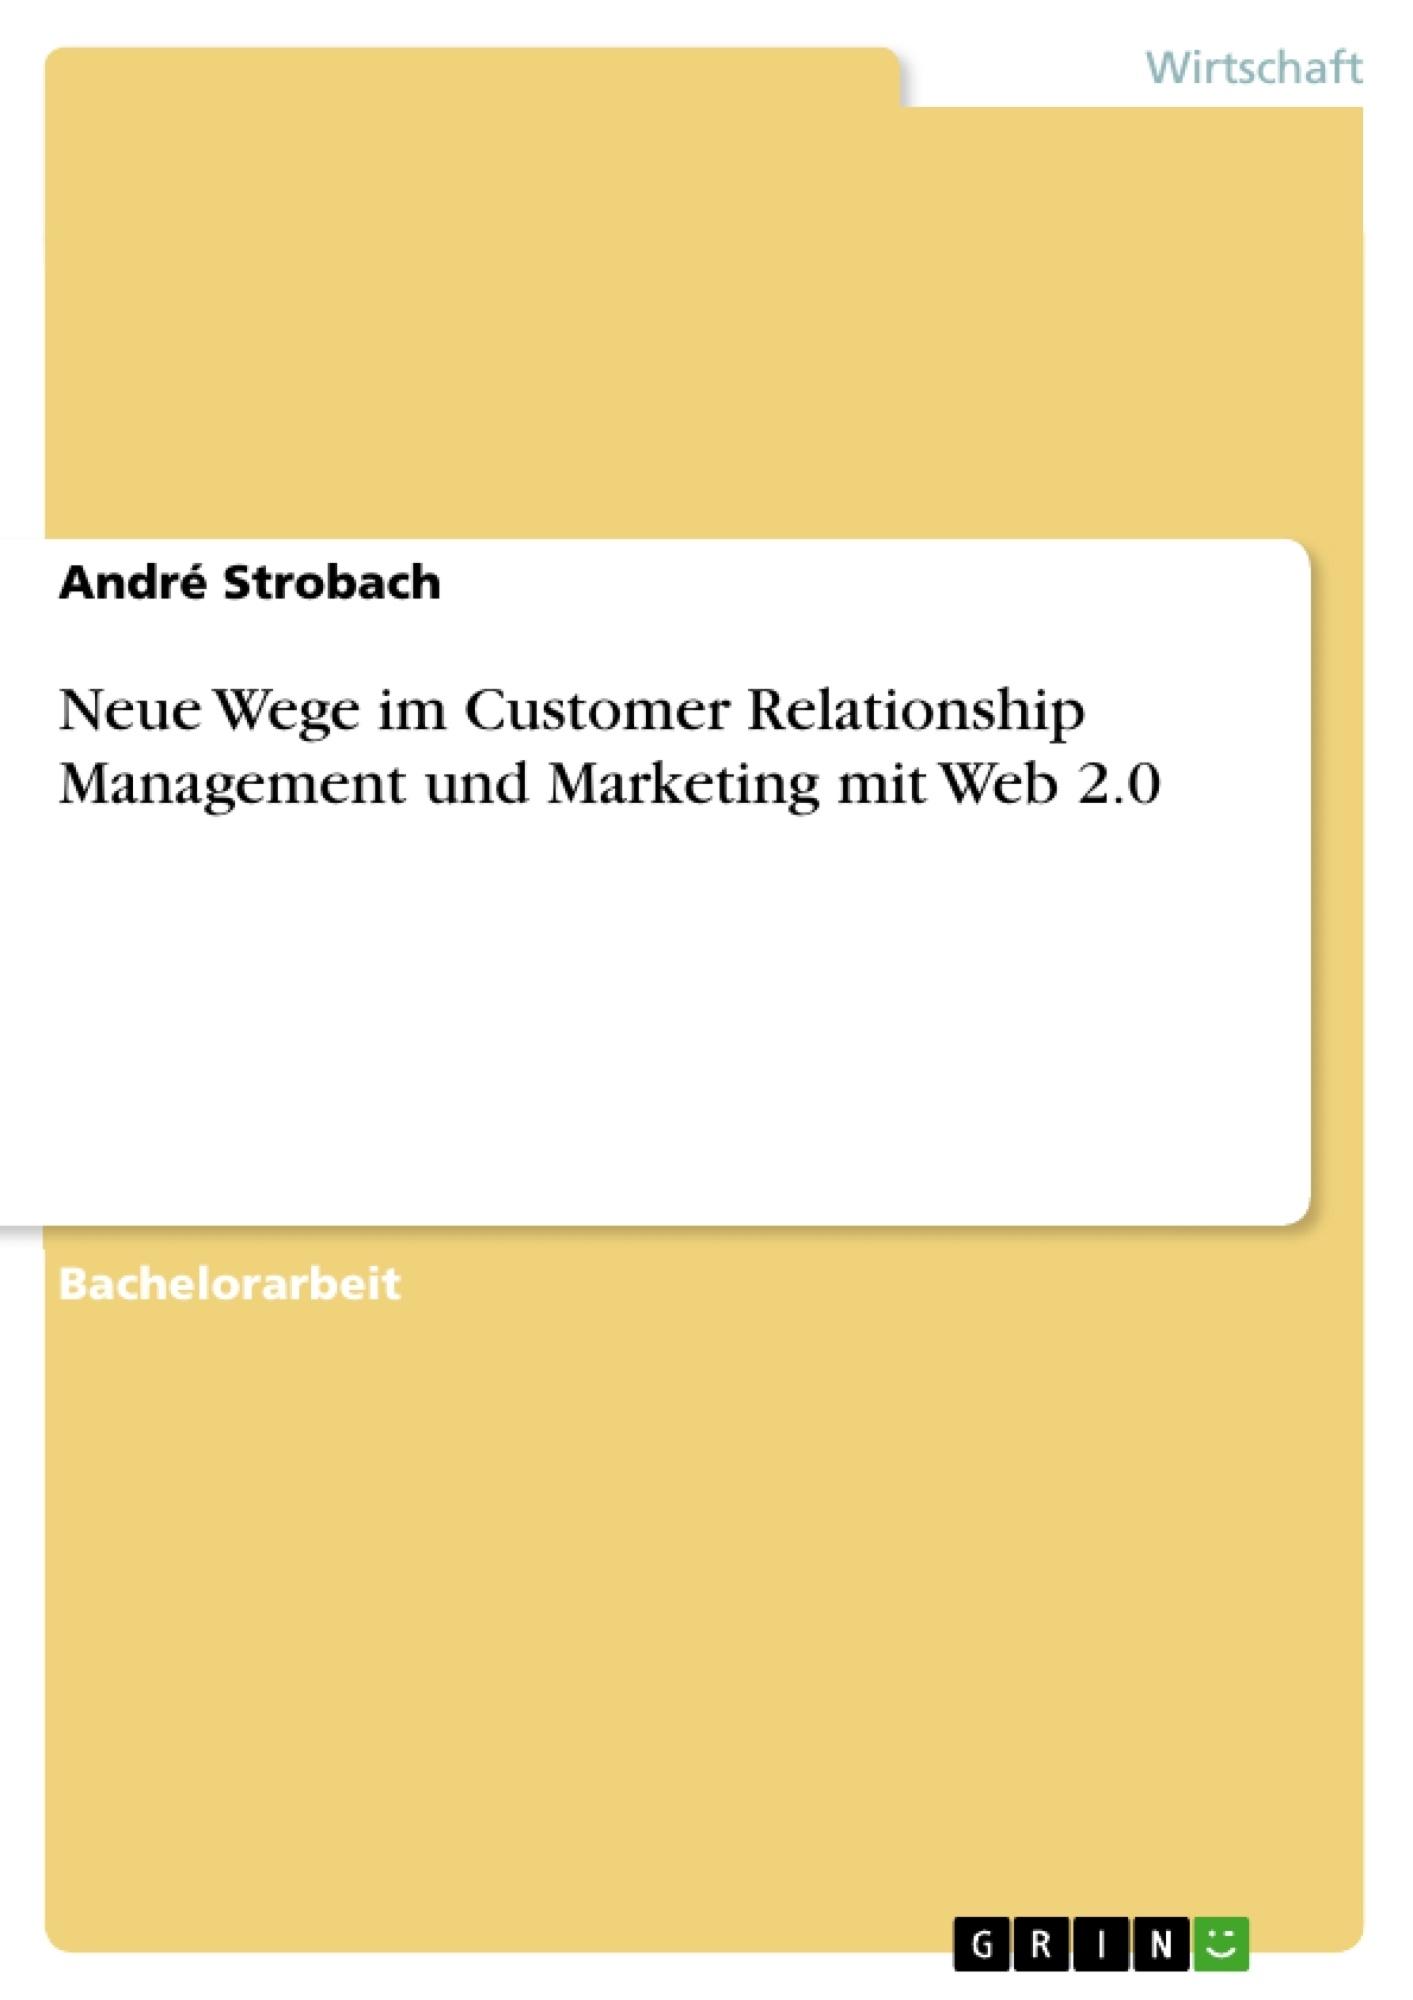 Titel: Neue Wege im Customer Relationship Management und Marketing mit Web 2.0